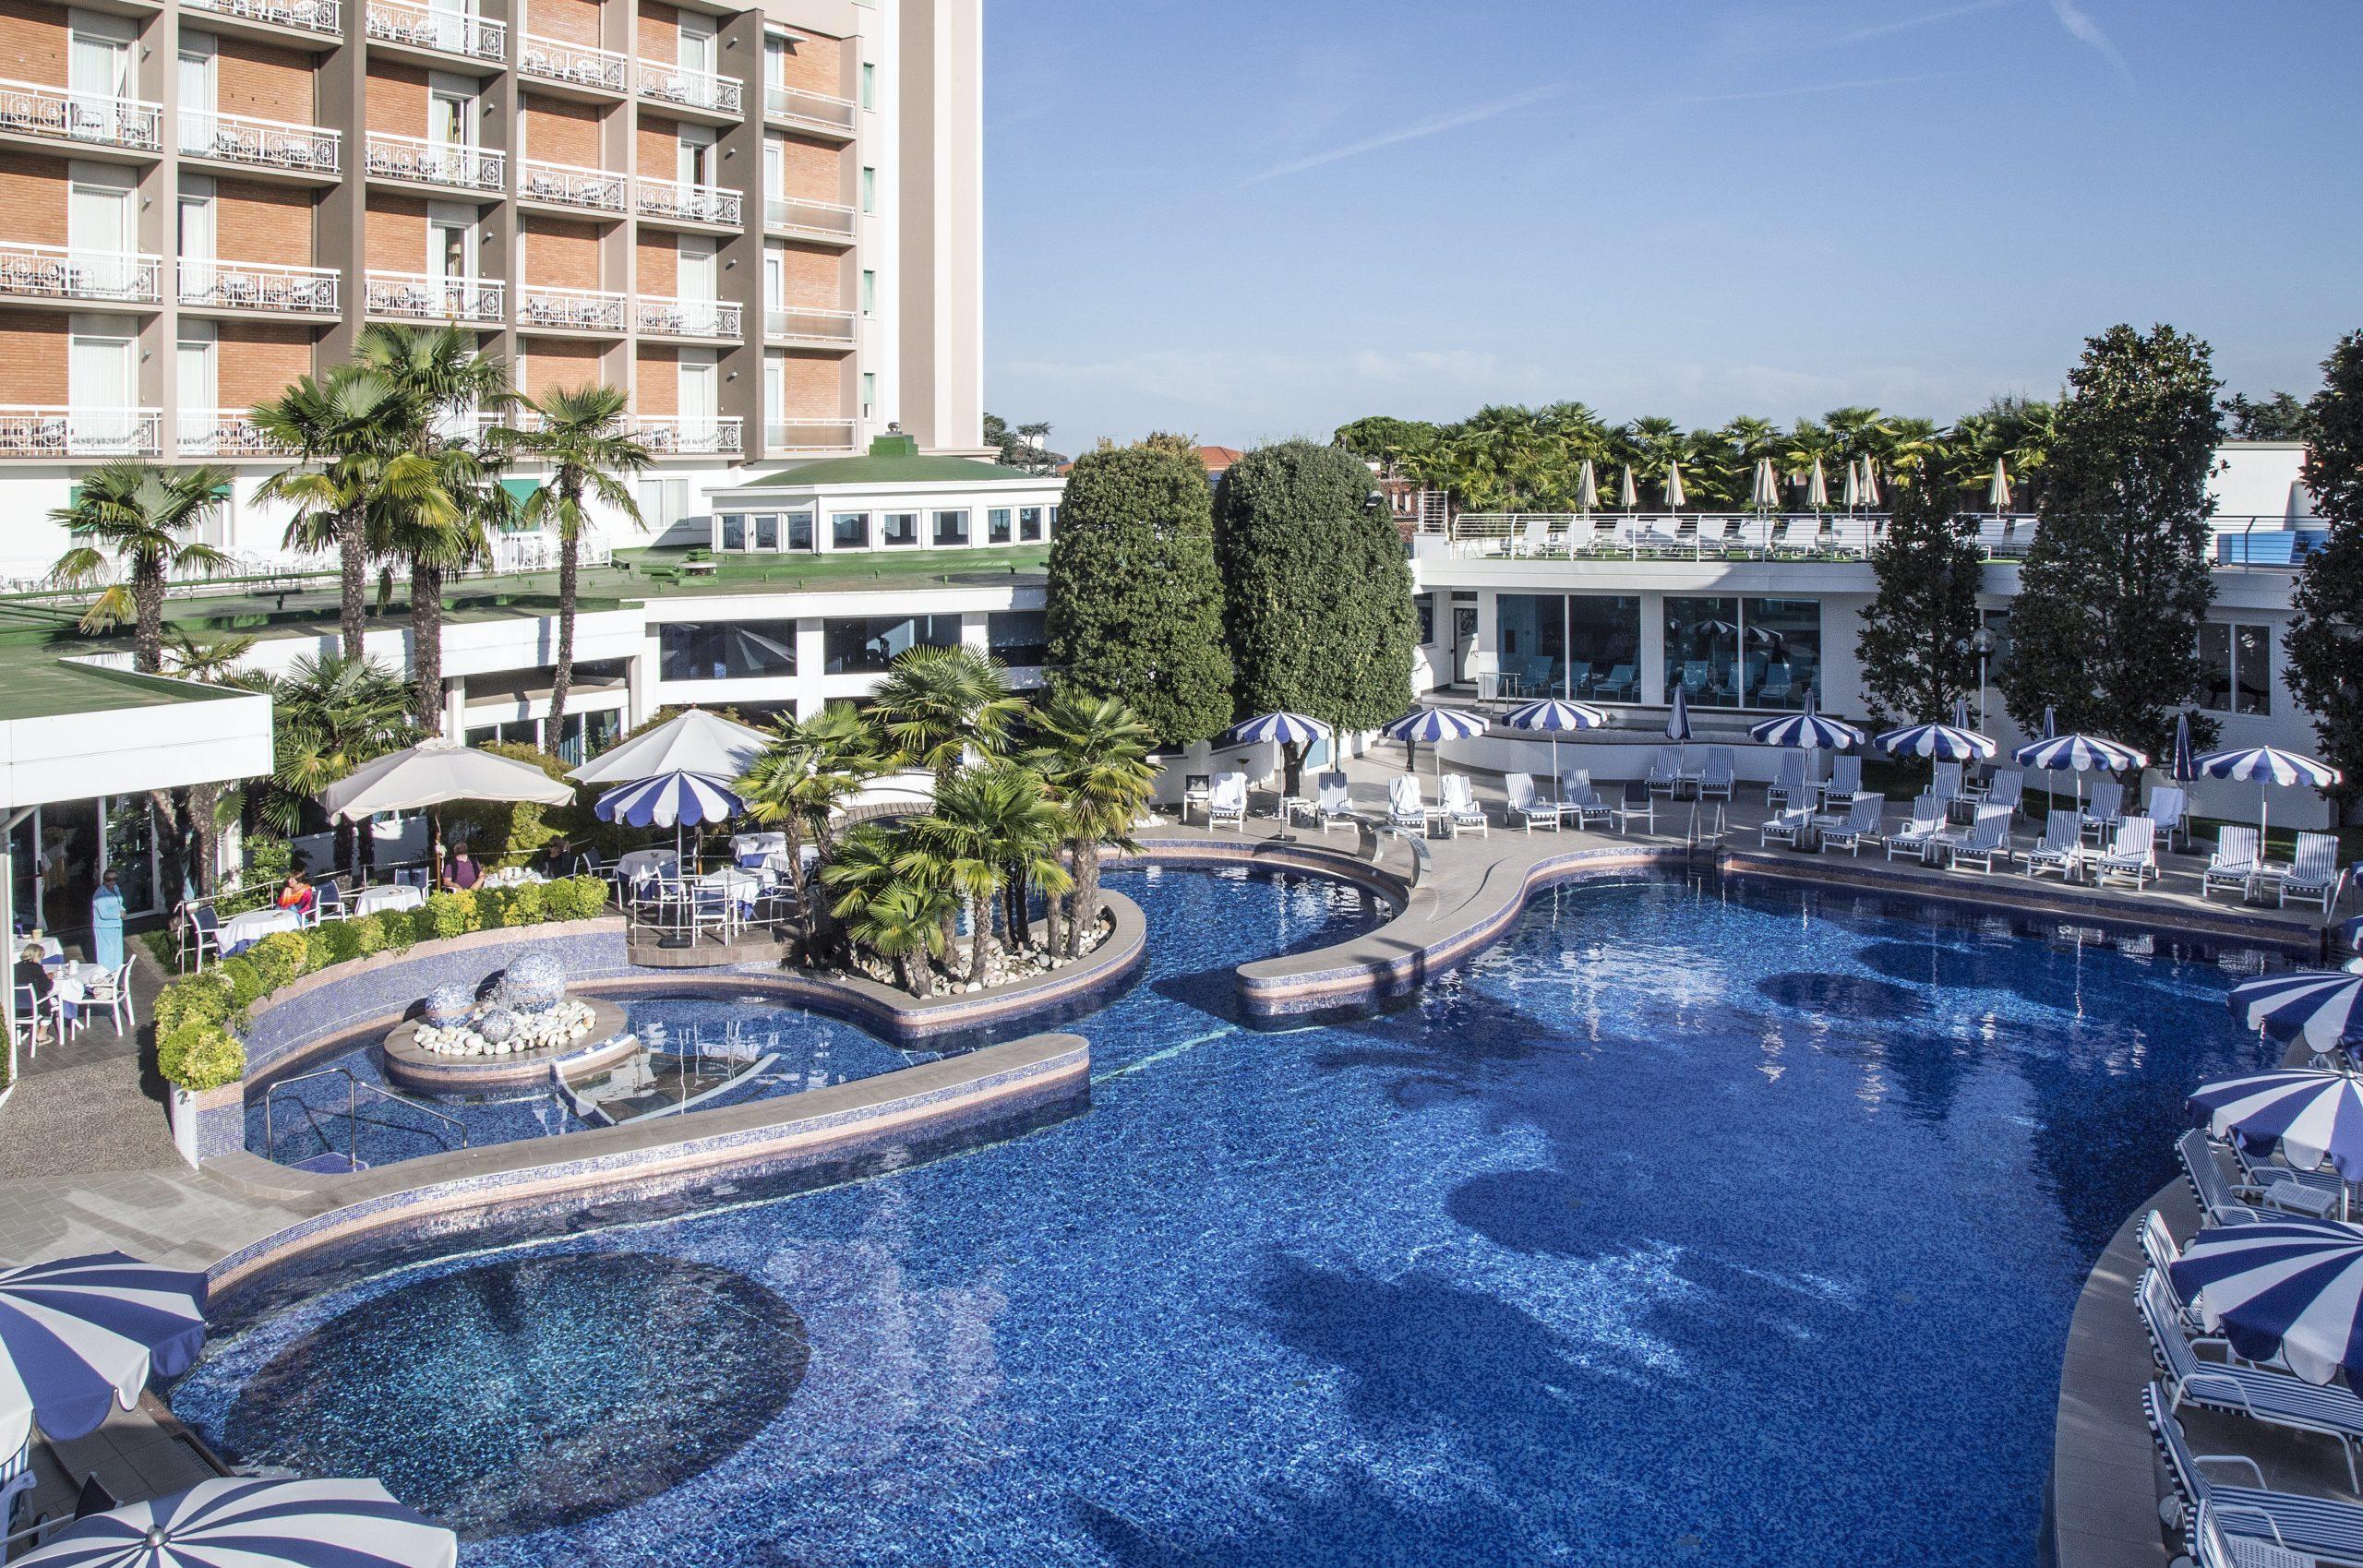 GRAND HOTEL TERME&SPA DI MONTEGROTTO TERME: IL BENESSERE DELLE TERME A CINQUE STELLE